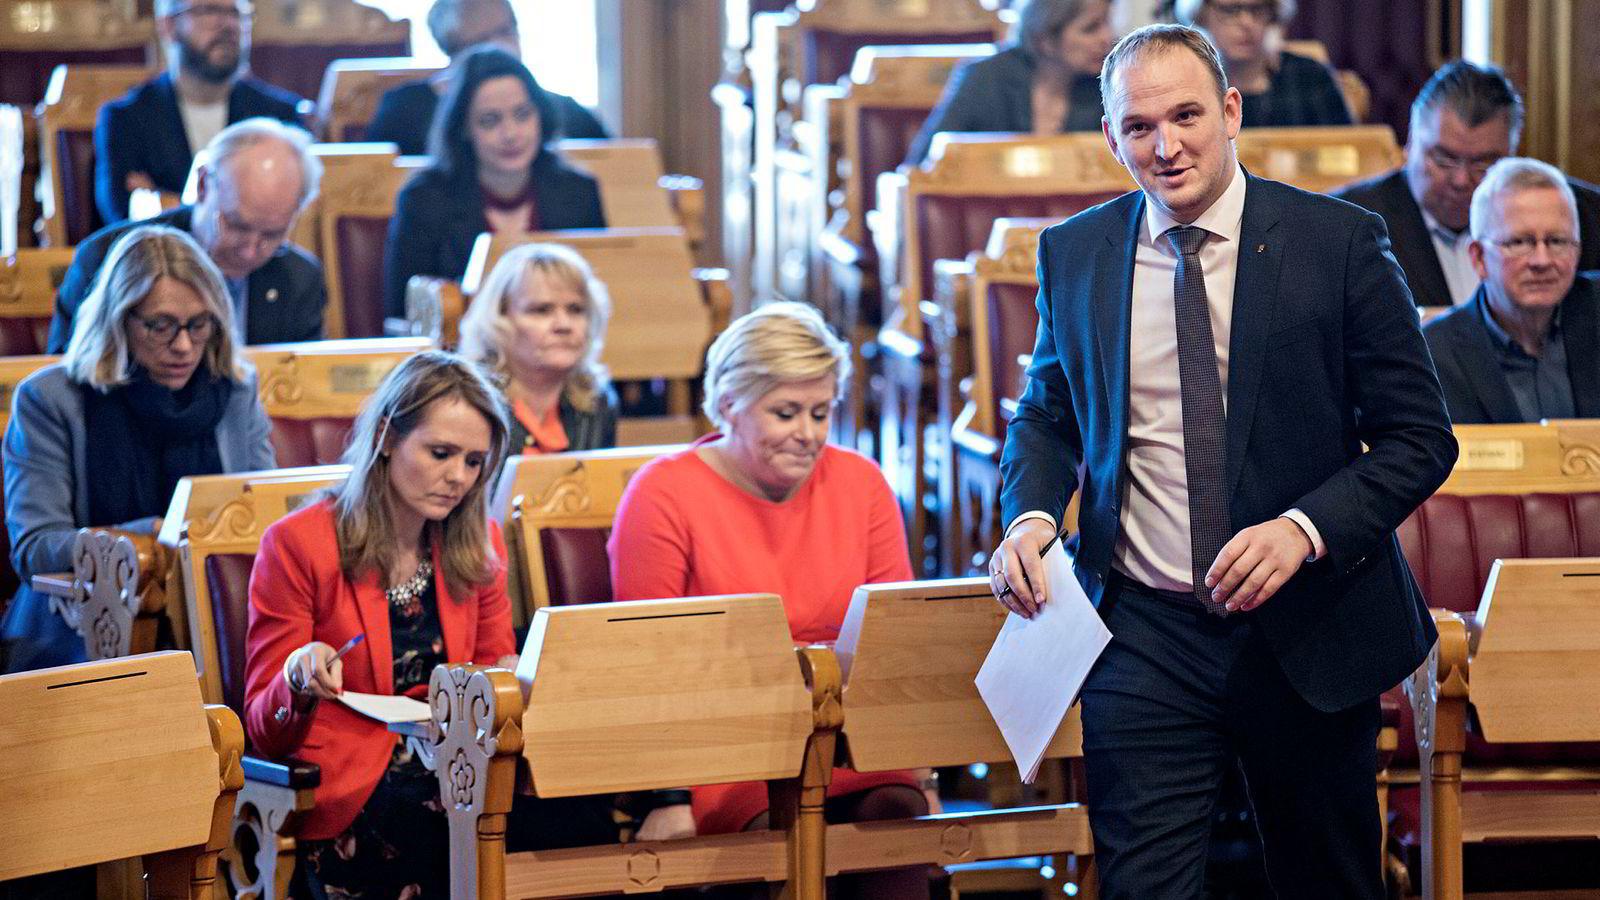 Han er faglært som kjøttskjærer. Onsdag gikk landbruks- og matminister Jon Georg Dale løs i stortingssalen.